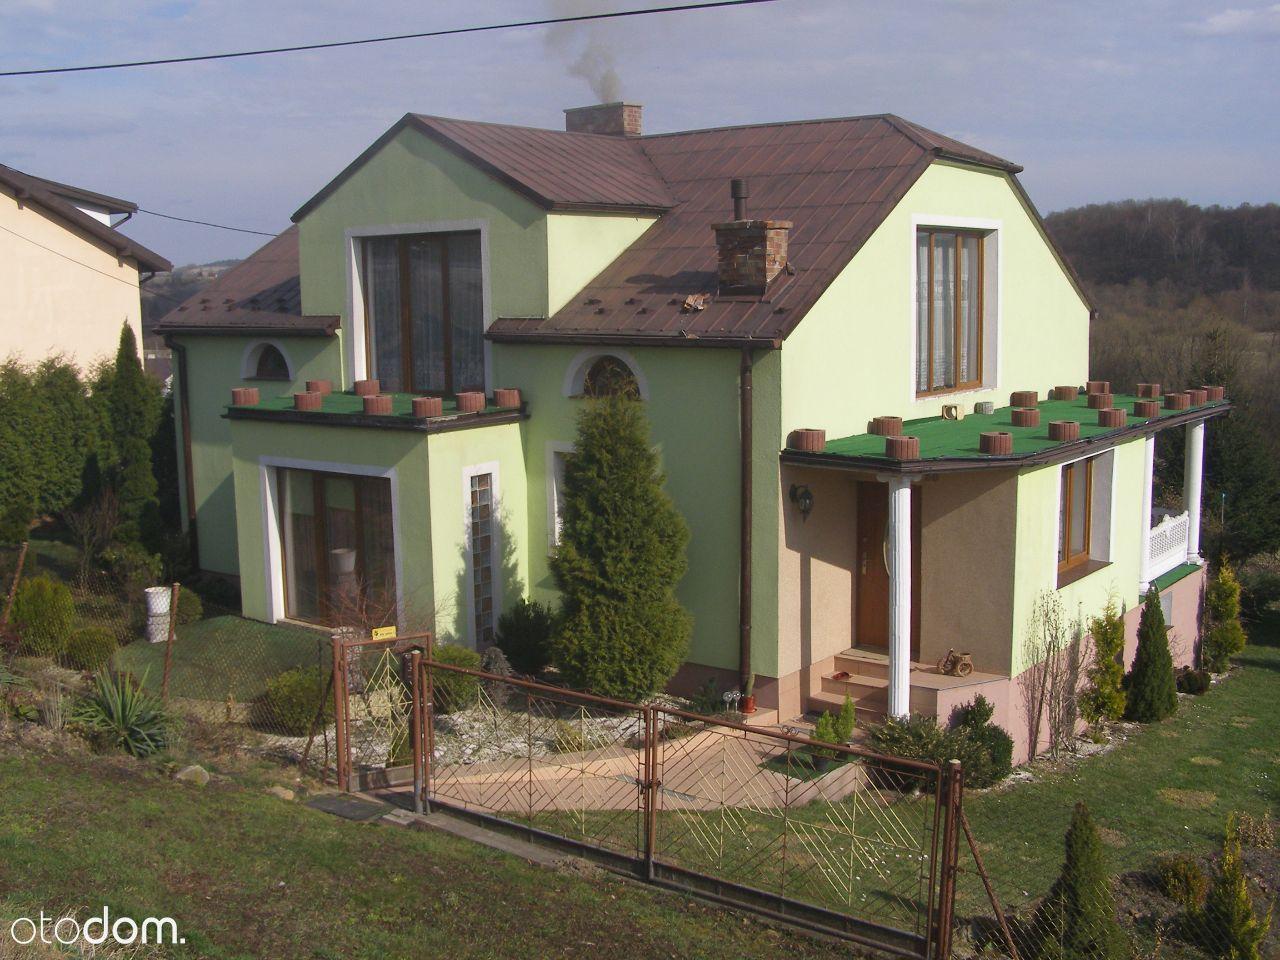 Dom na sprzedaż, Siepietnica, jasielski, podkarpackie - Foto 1